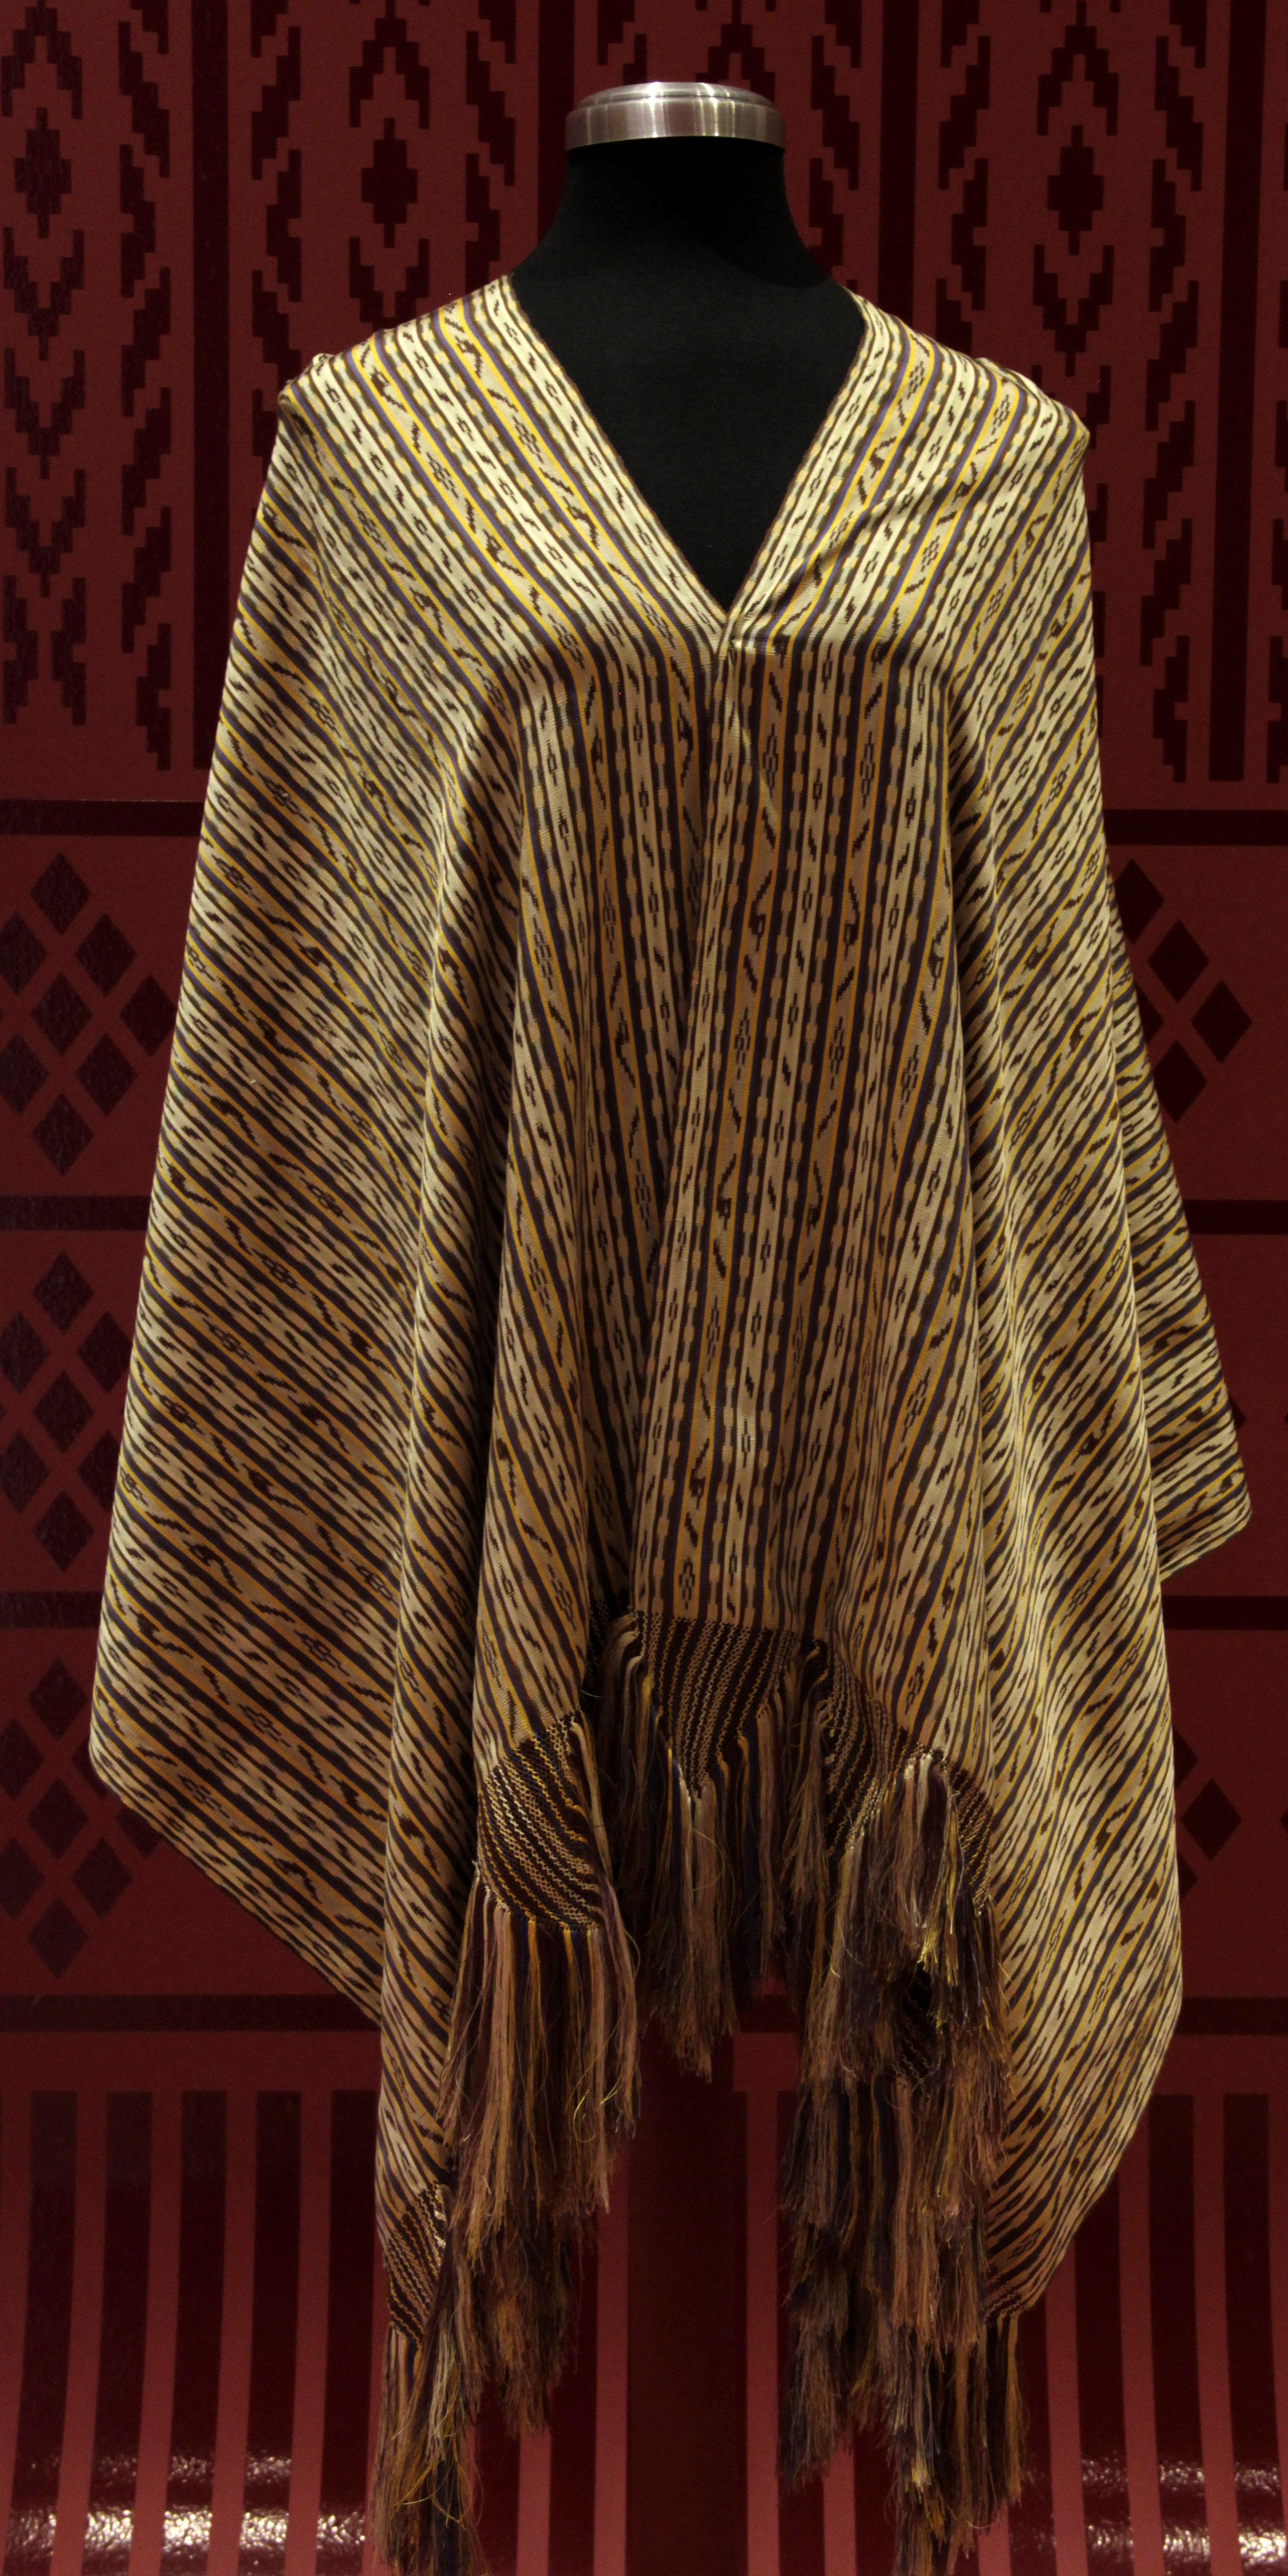 Museo Casa del Rebozo anuncia textos encaminados a la divulgación en torno al rebozo de seda